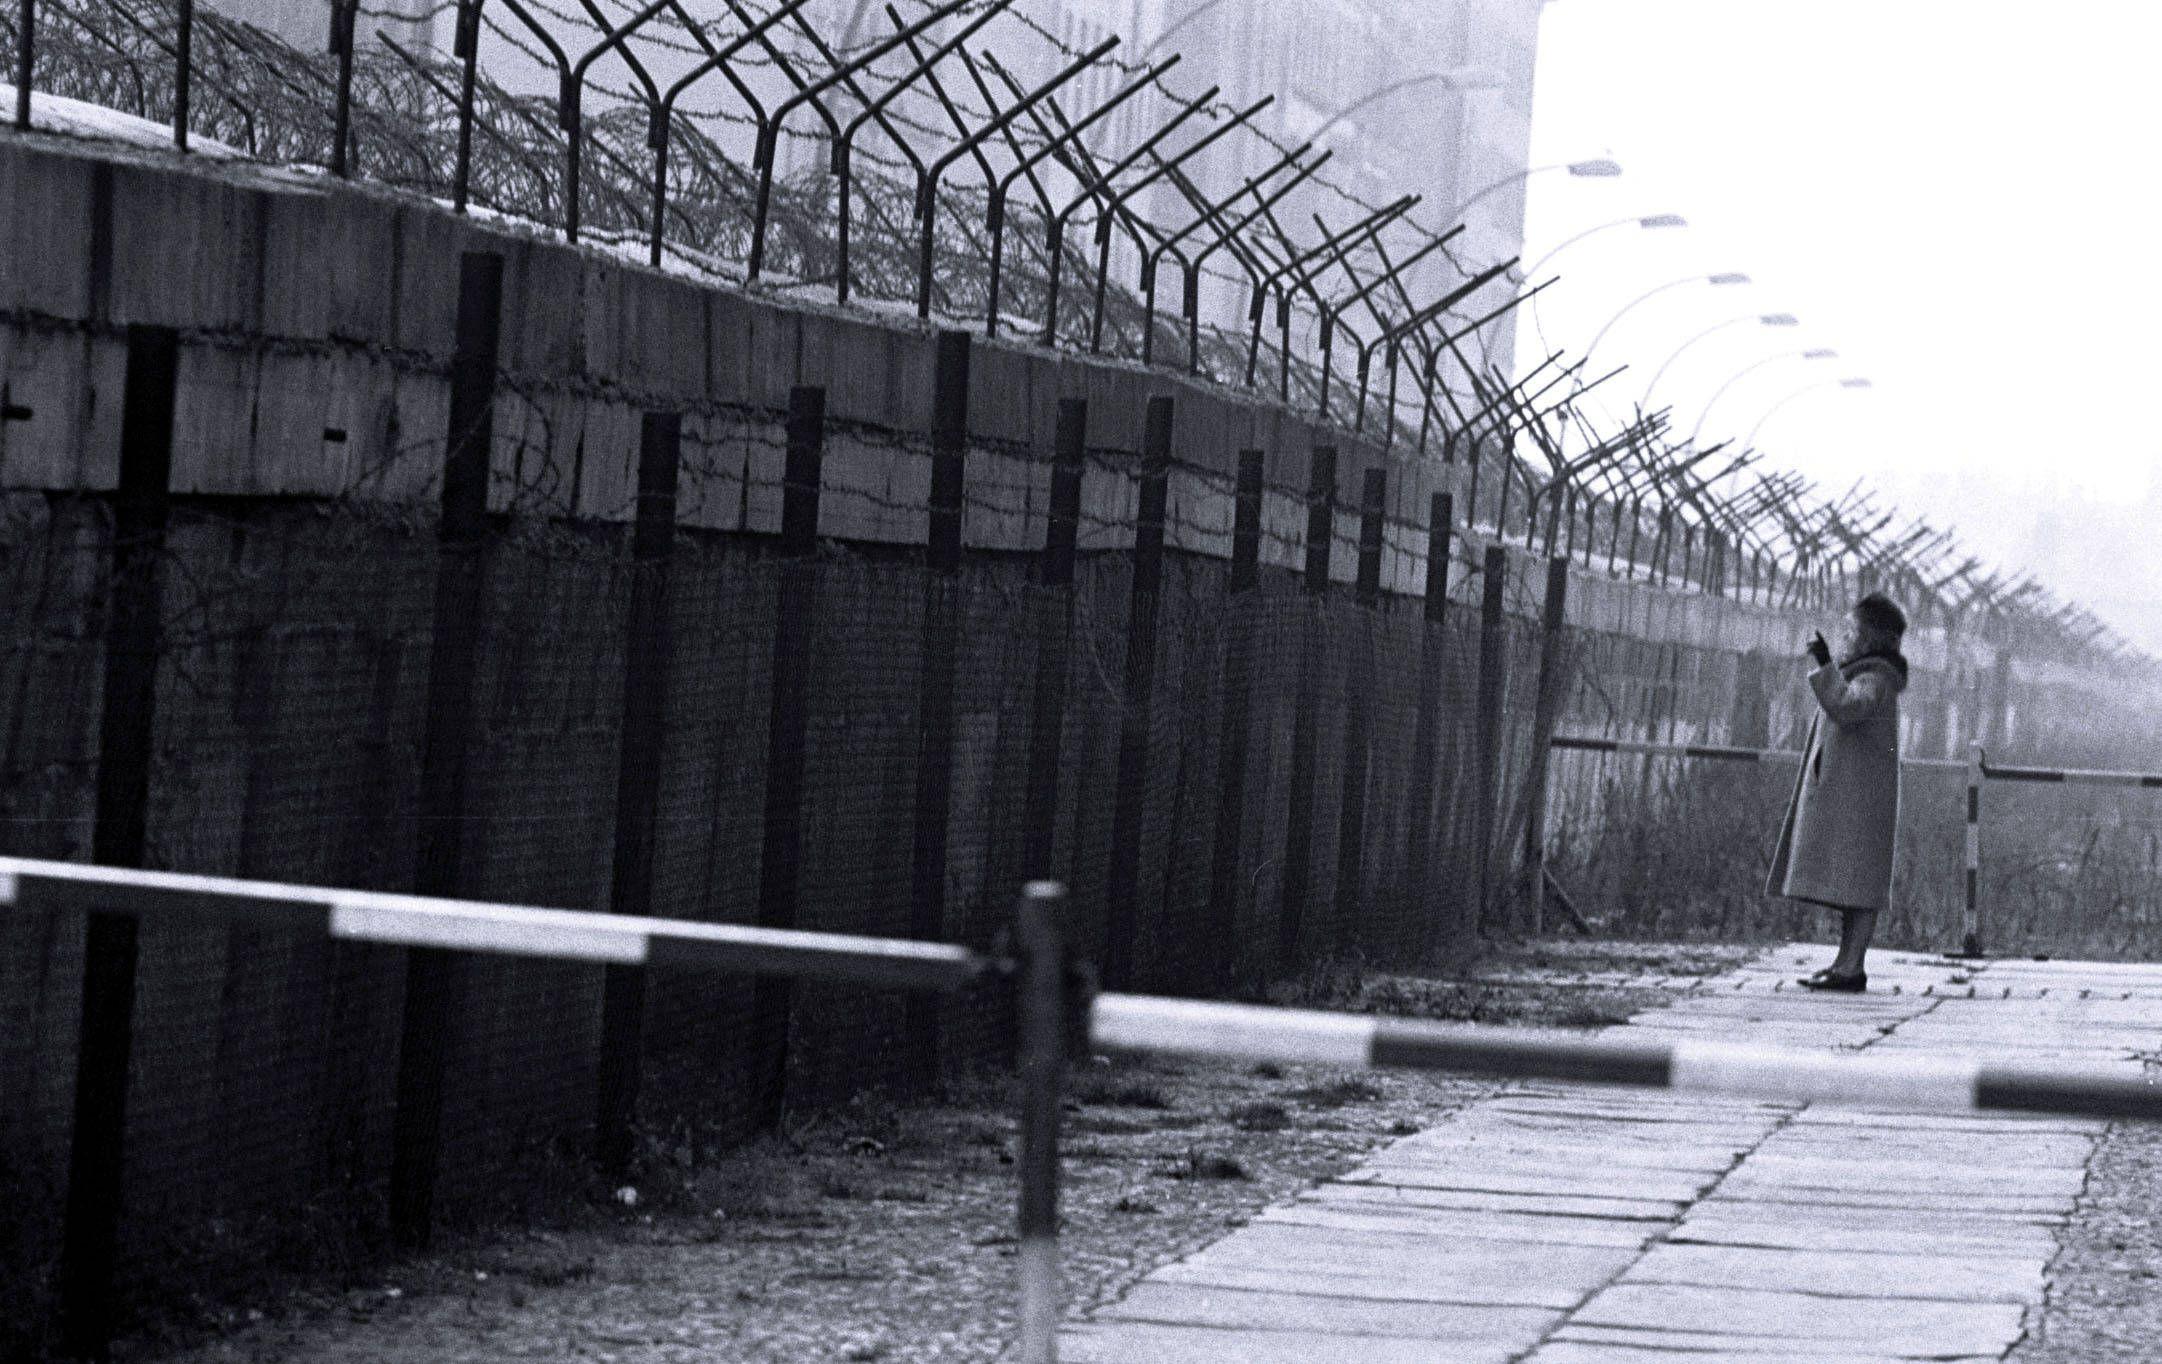 berlin wall berliner mauer mauer geschichte on berlin wall id=55426